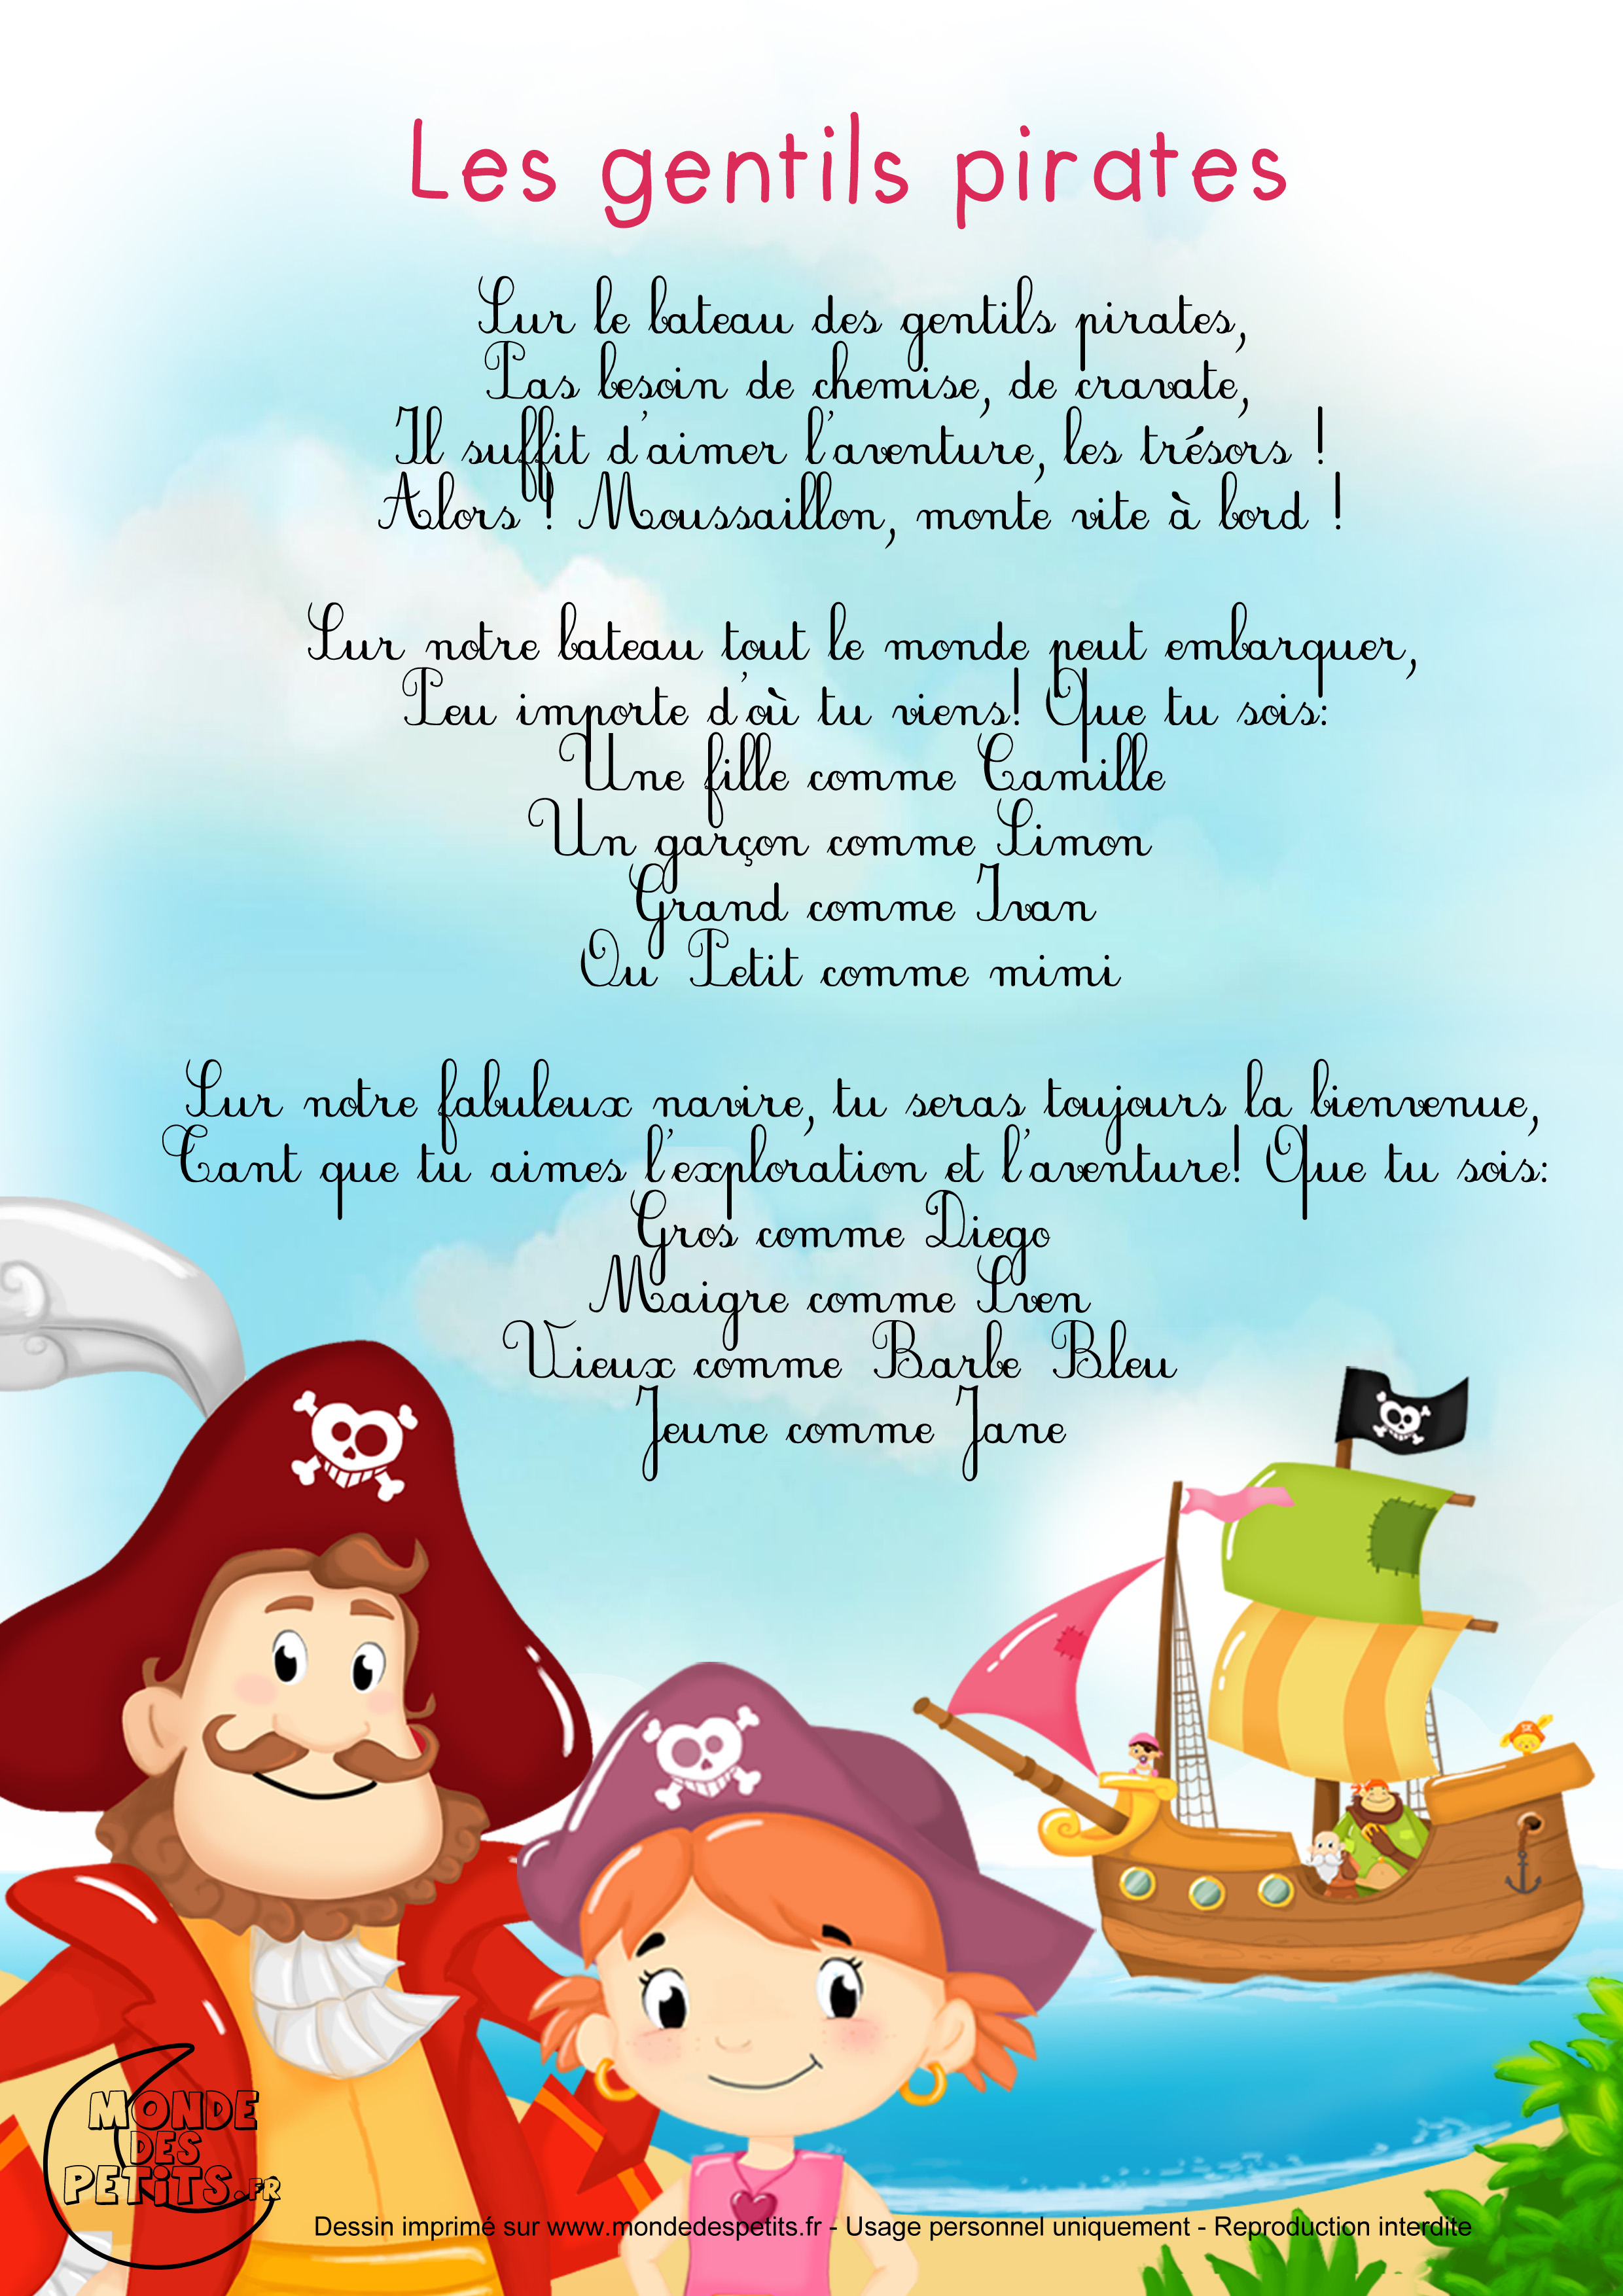 chanson, comptine, enfant, pirate, bébé, mousaillon, monde, petit,